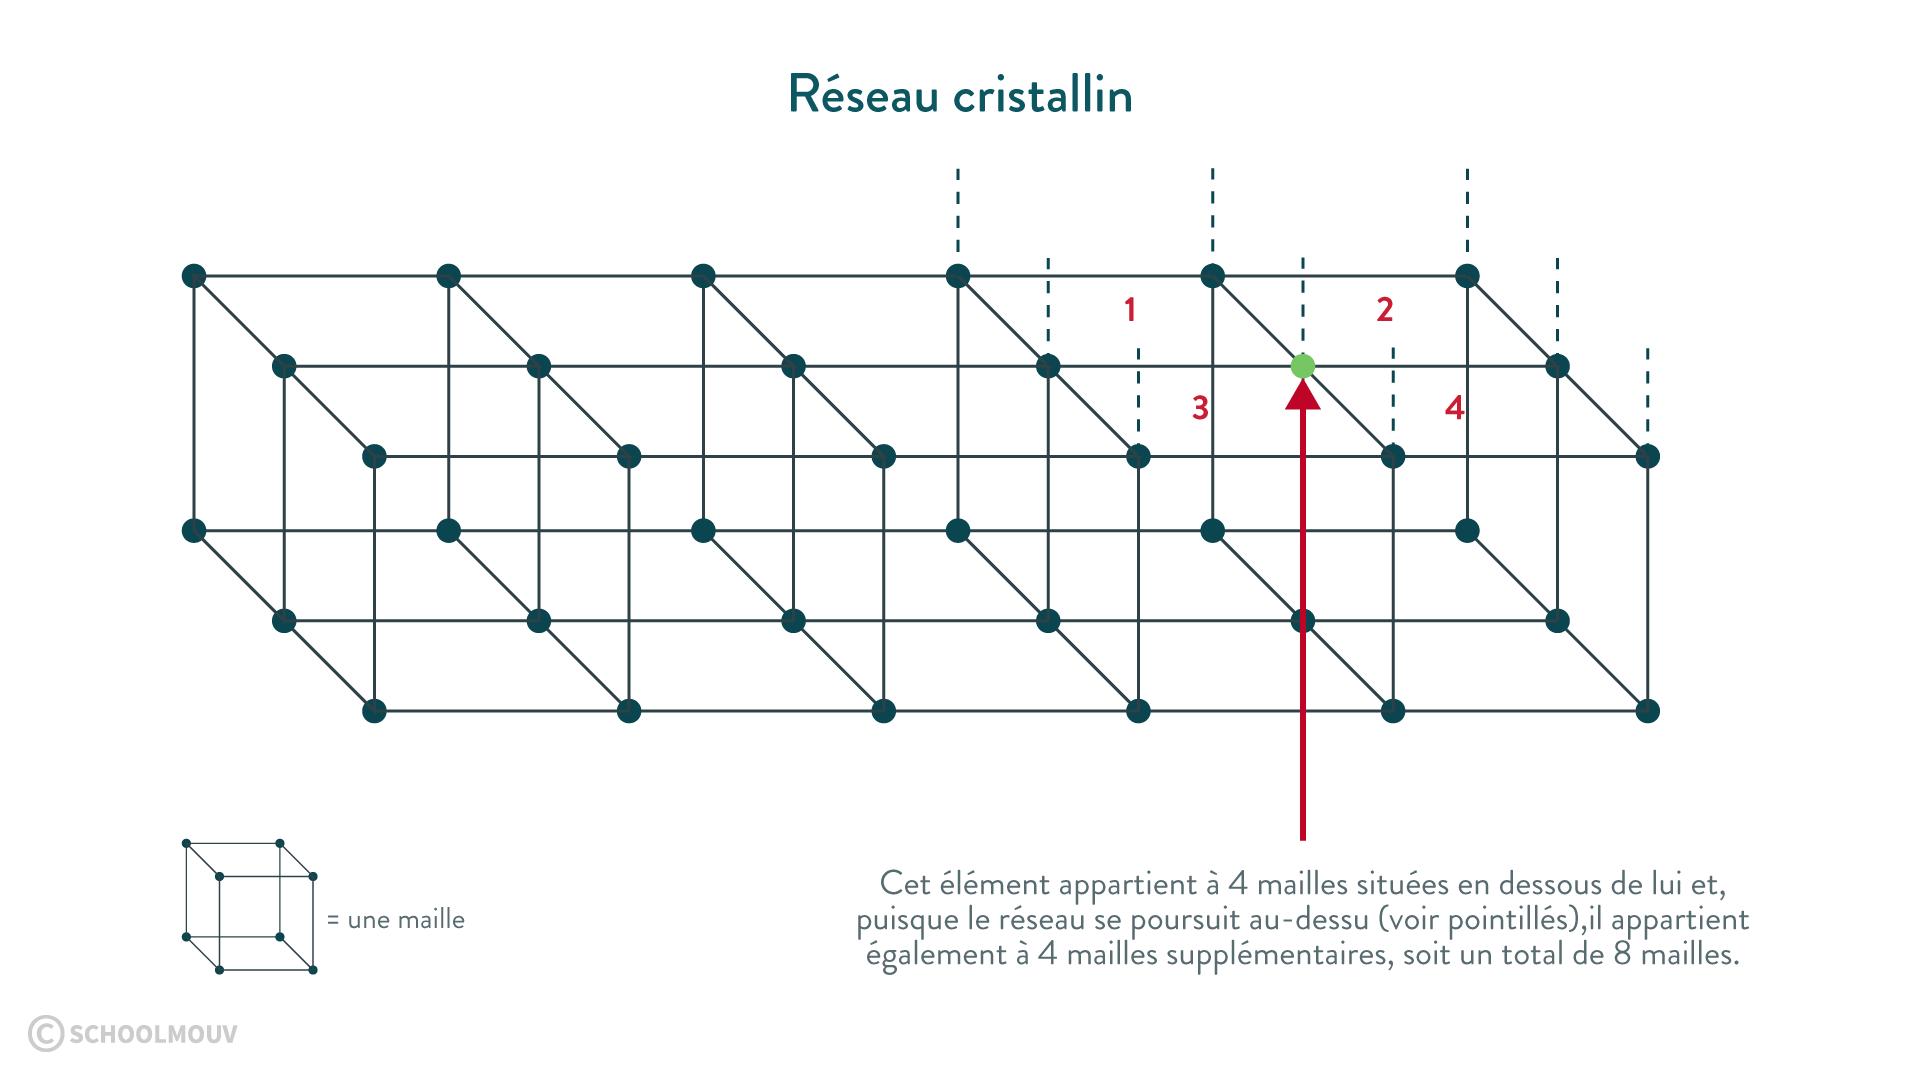 réseau cristallin mailles